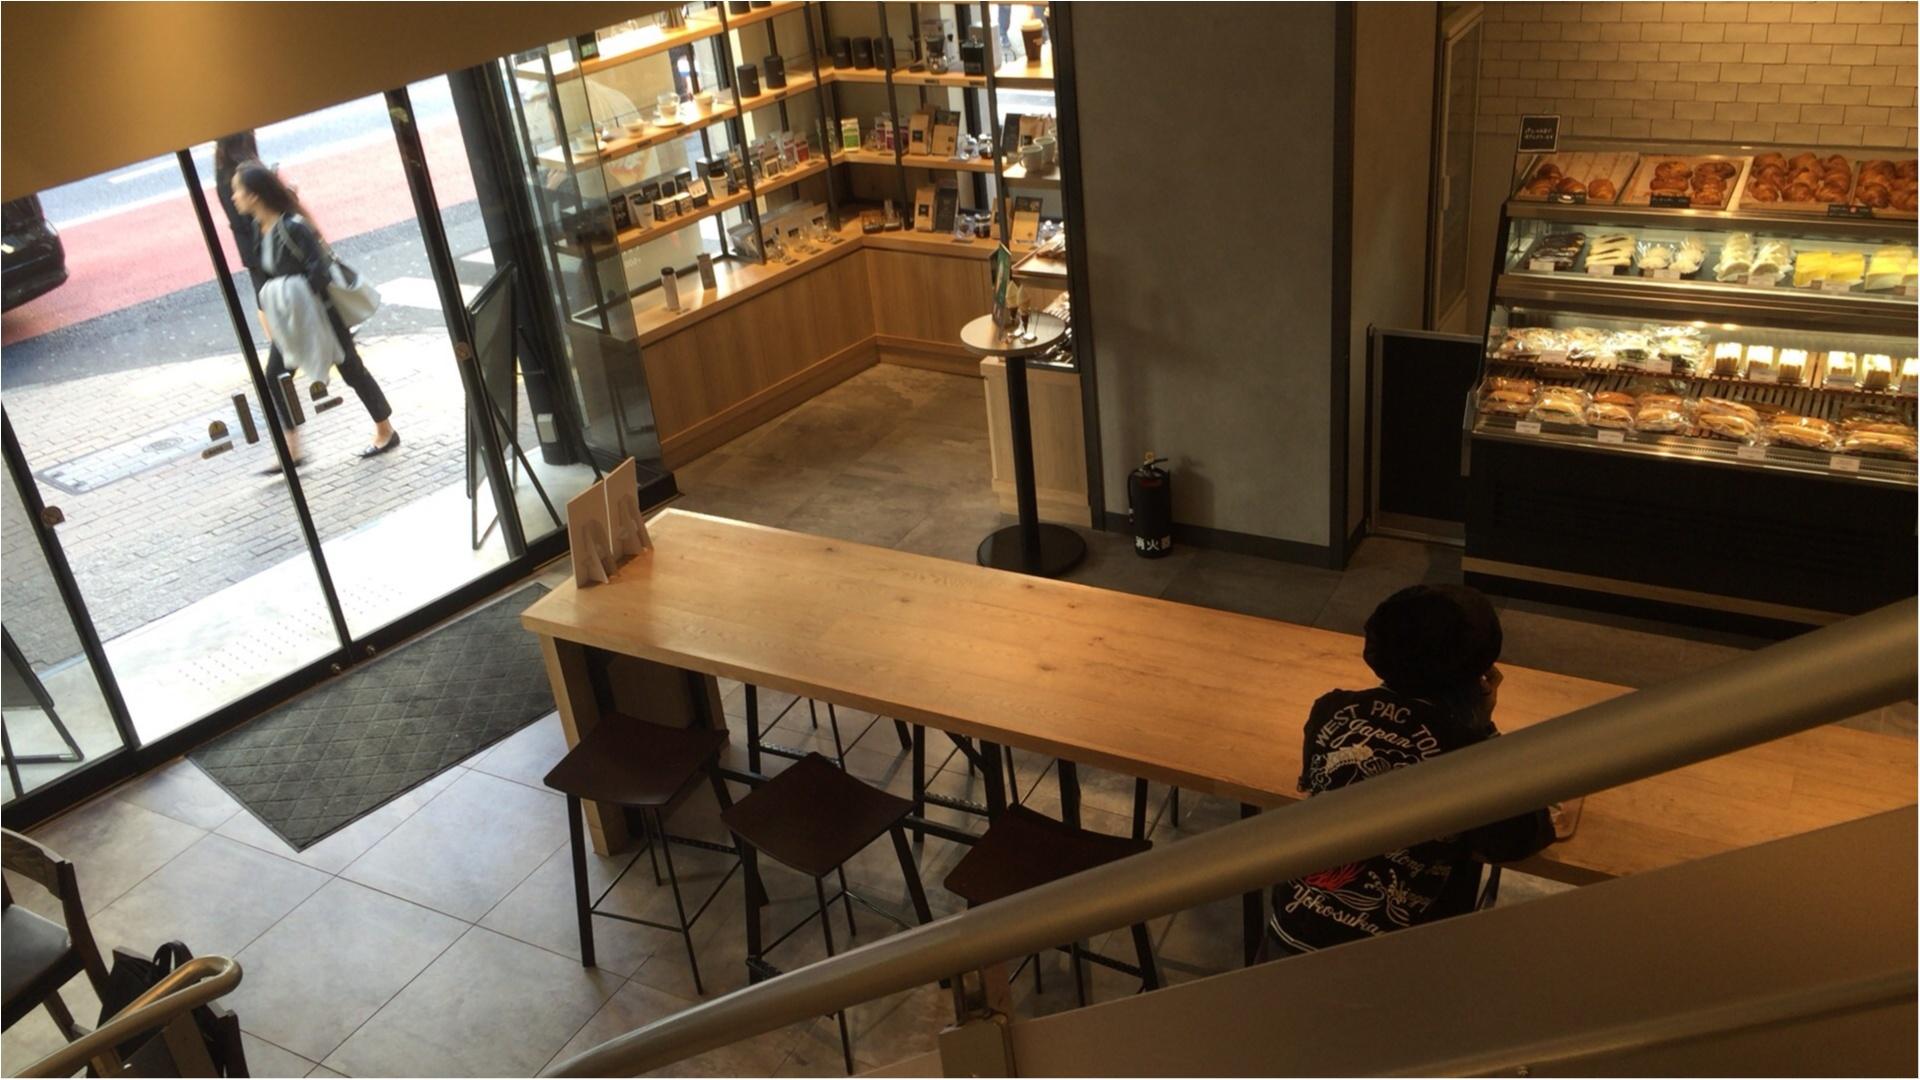 渋谷で電源カフェを探すなら?リニューアルした◯◯カフェが居心地最高♪♪ _2